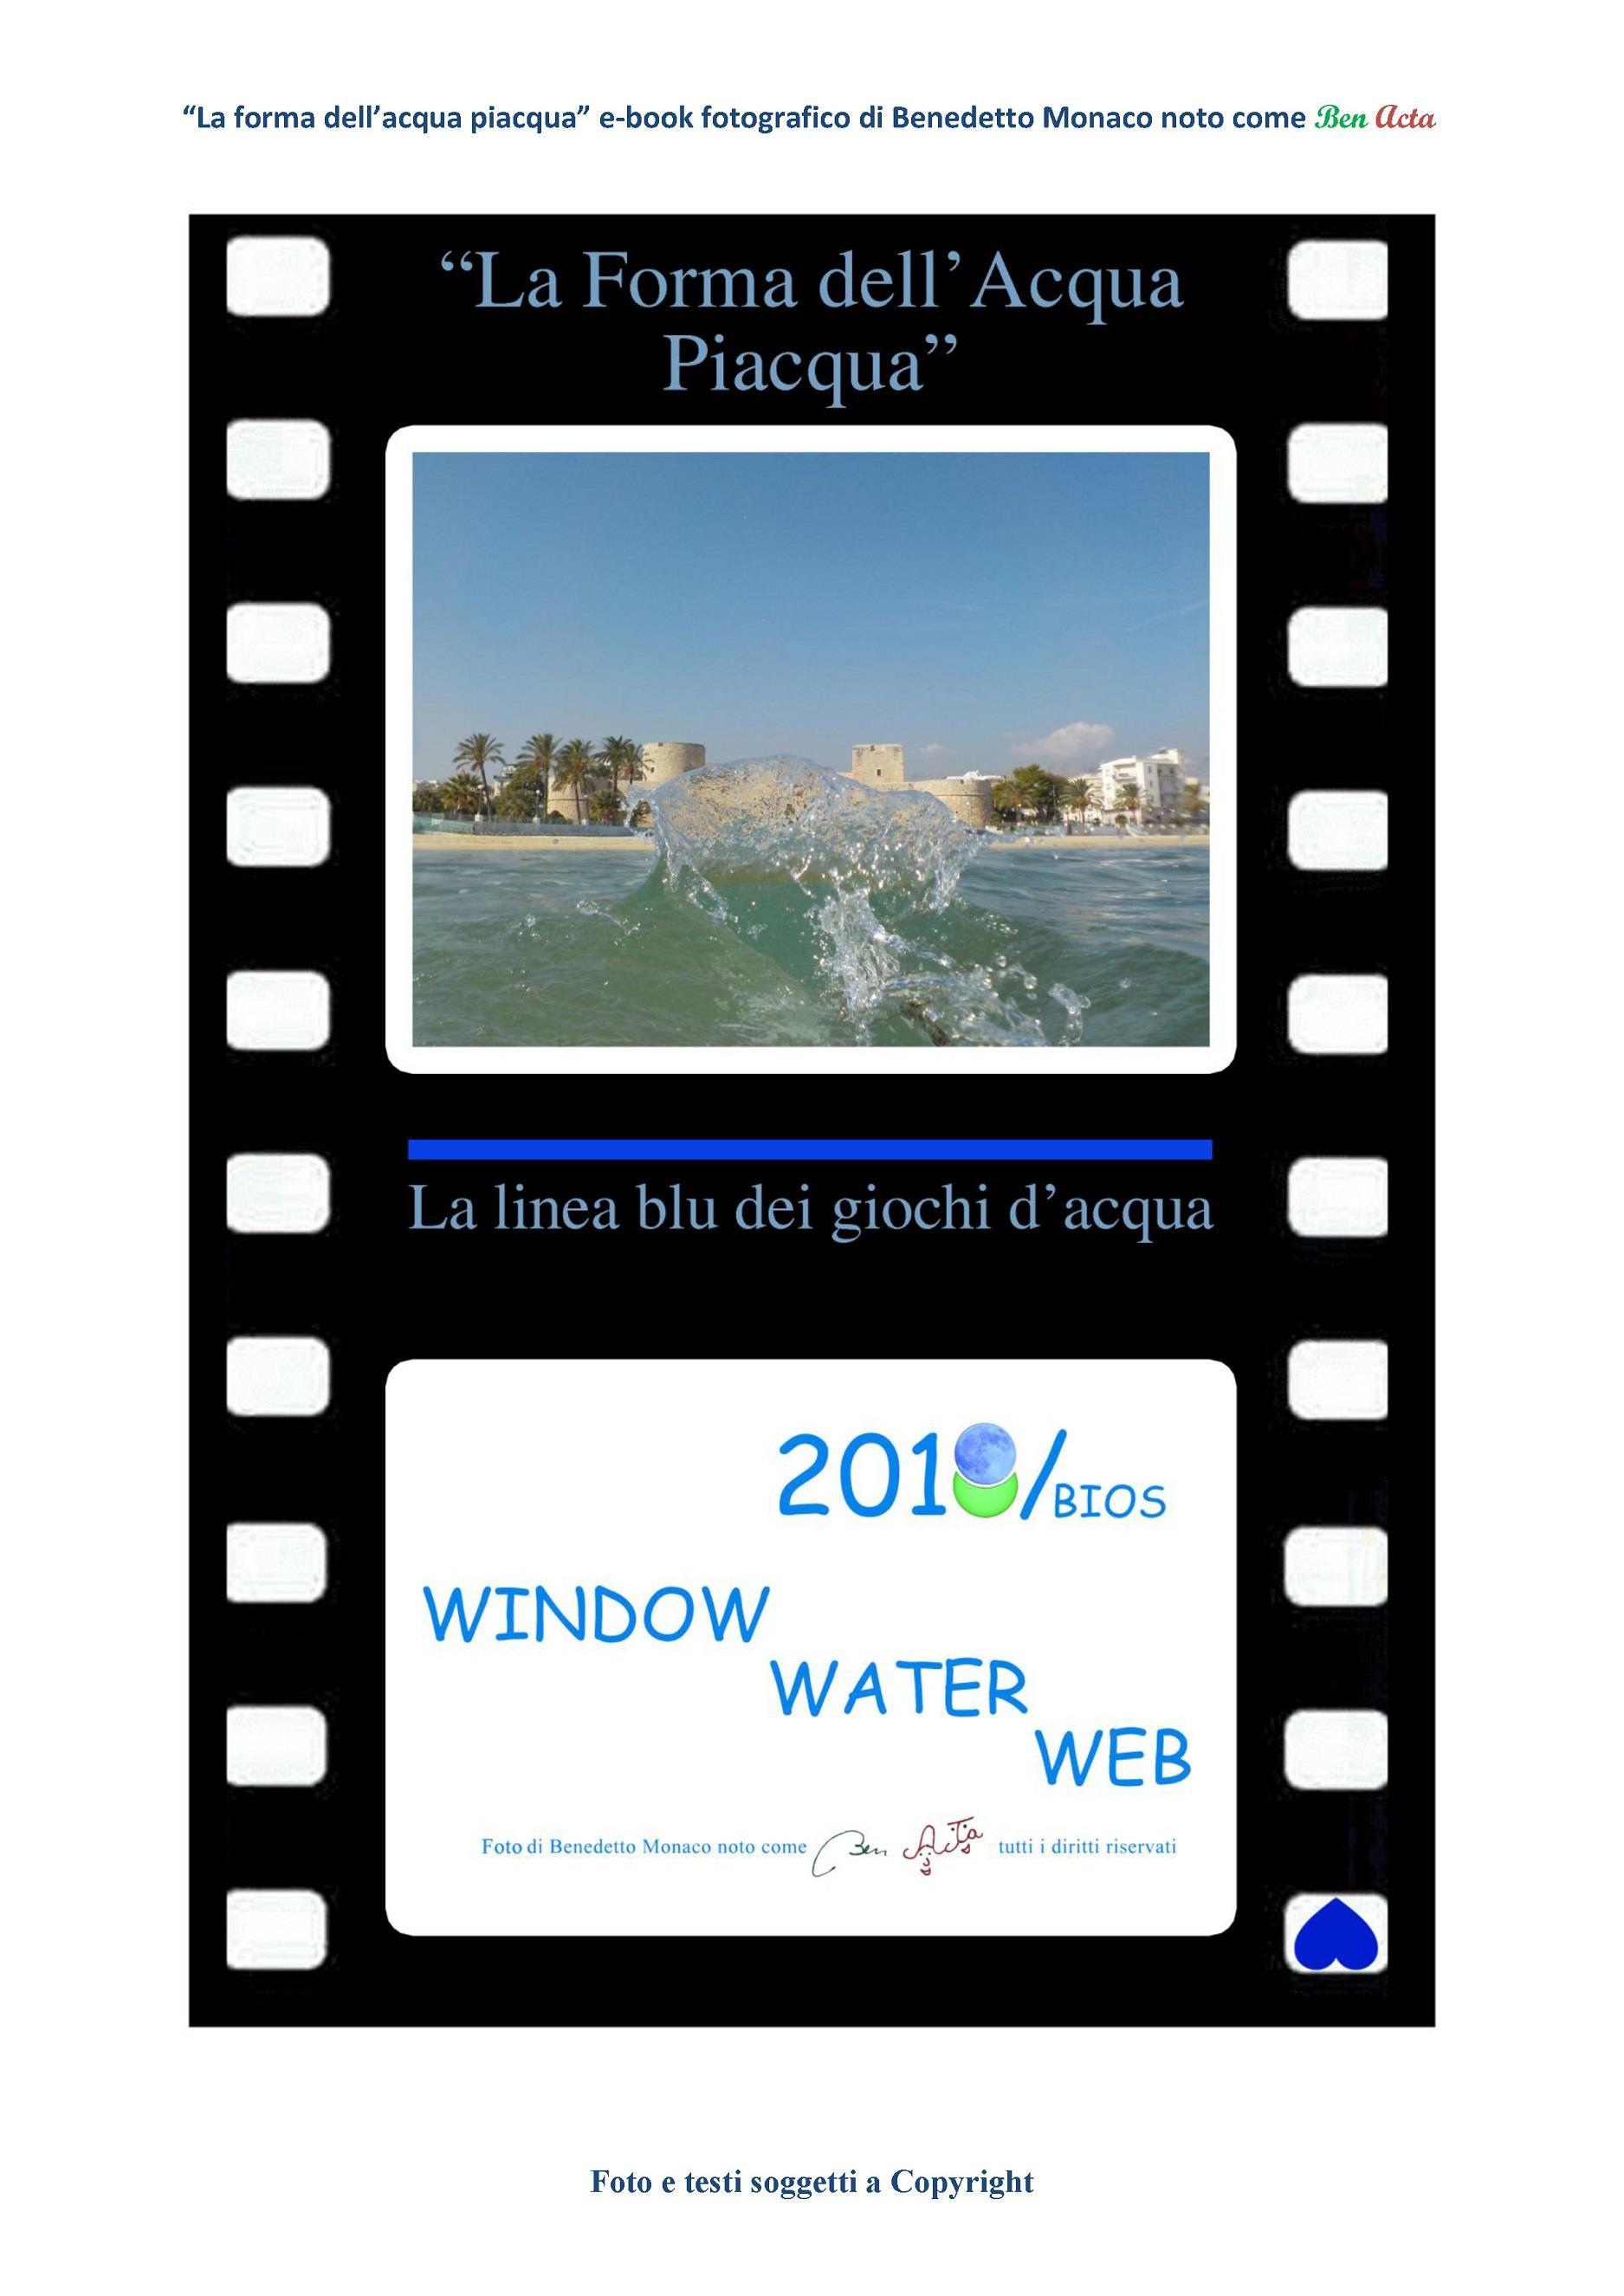 La forma dell'acqua piacqua